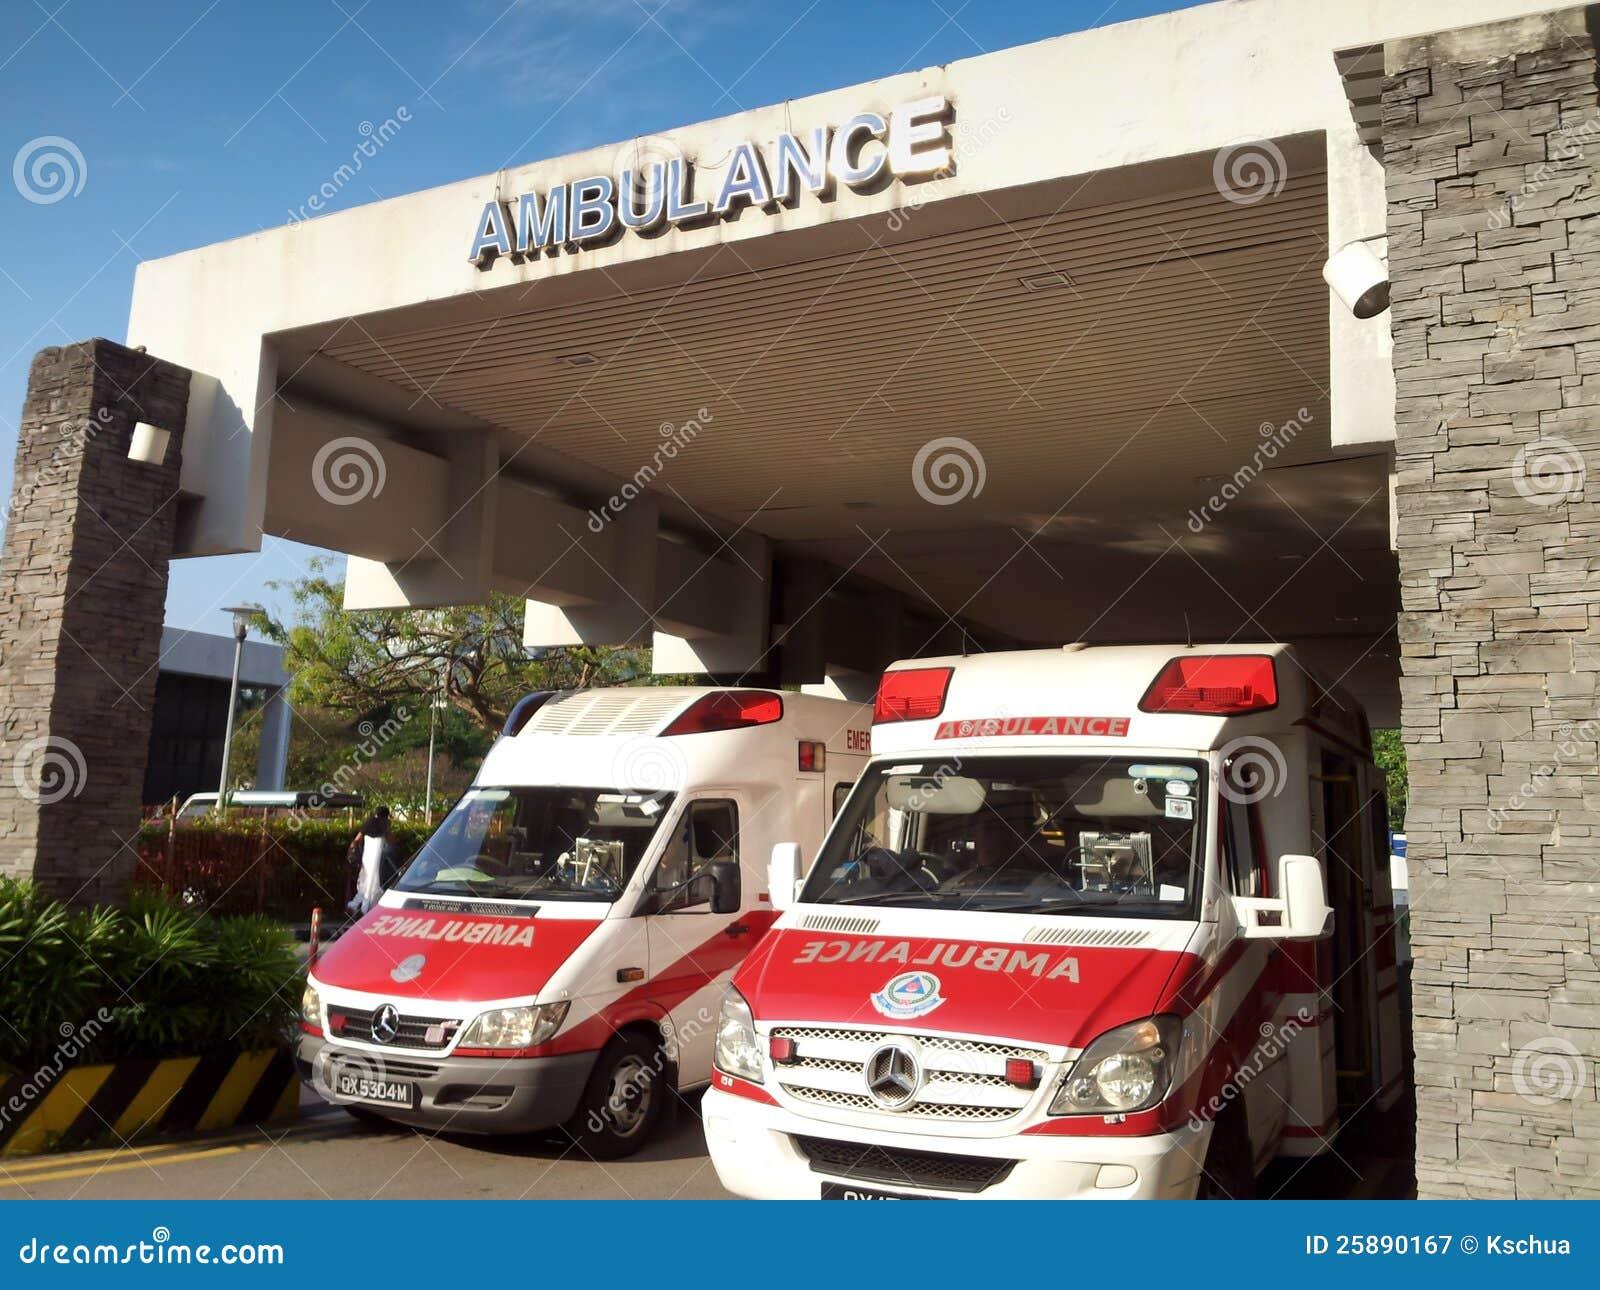 Ambulances on standby